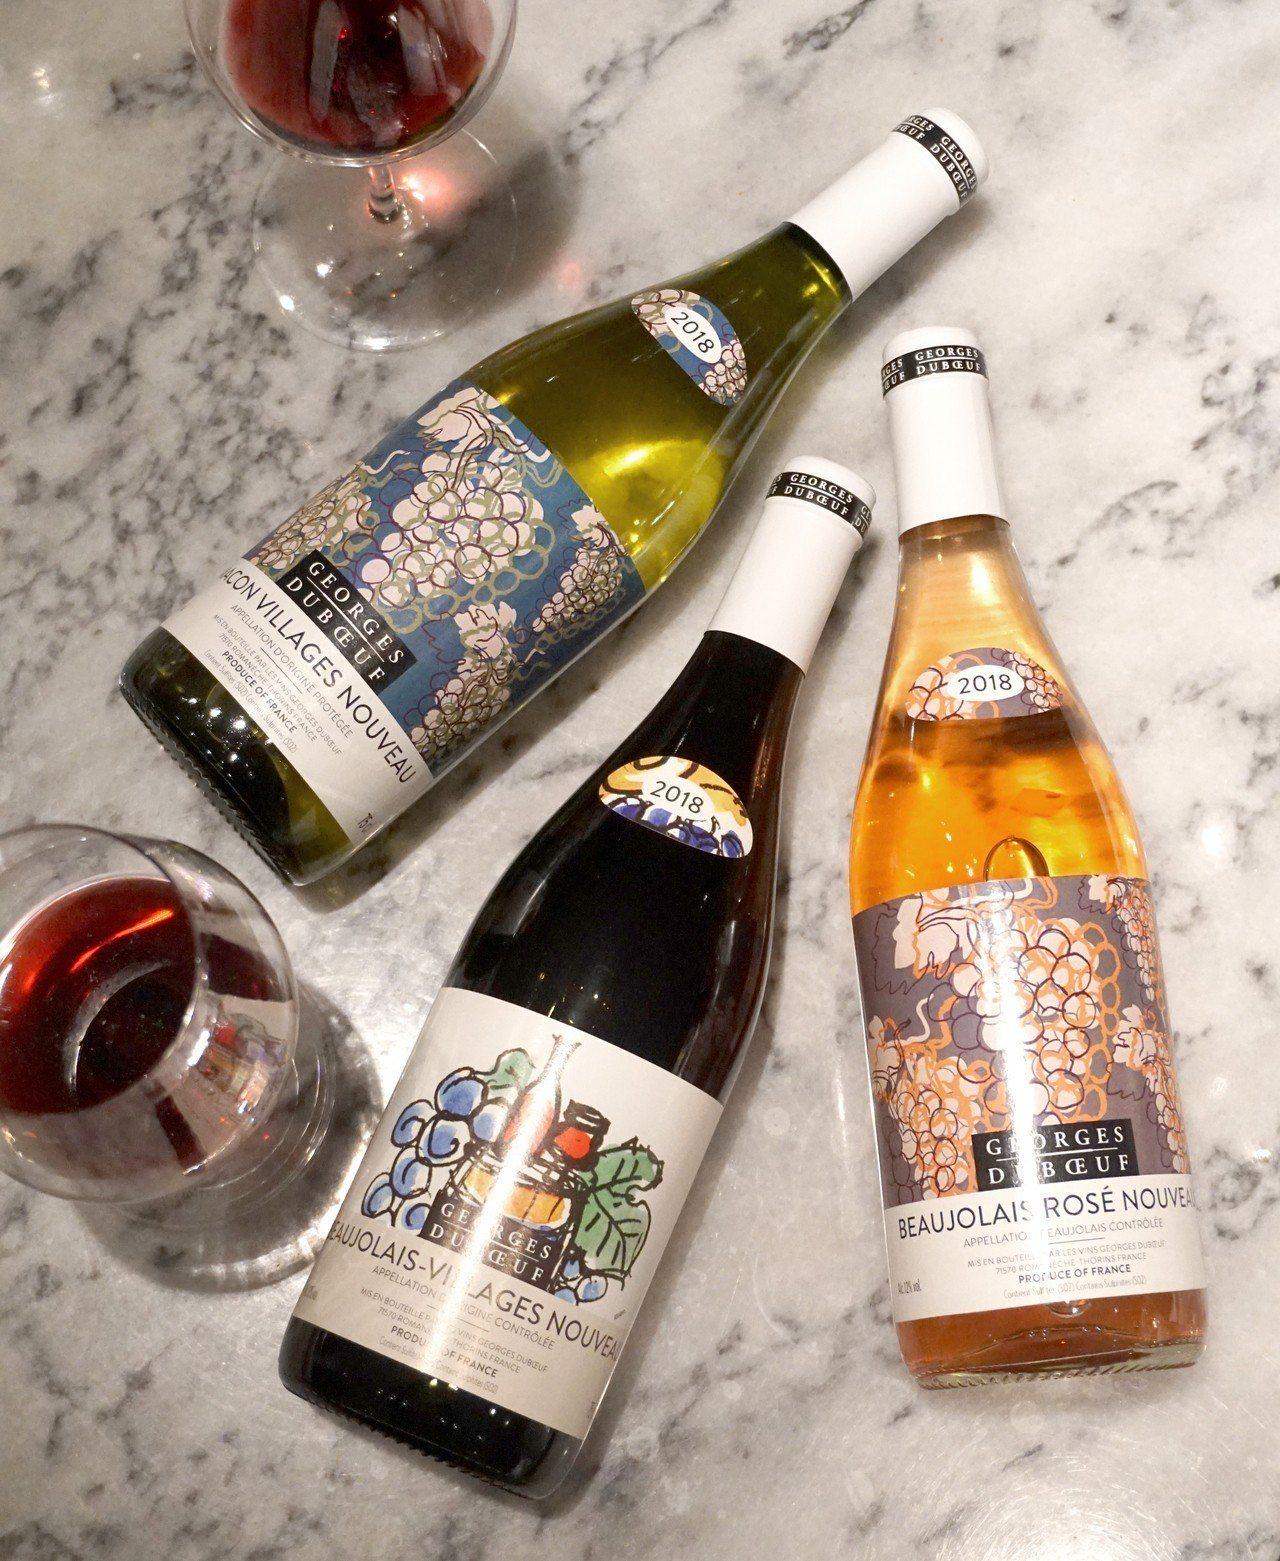 2018年薄酒萊新酒被評為「是個完美早熟的年份」。圖/橡木桶洋酒提供